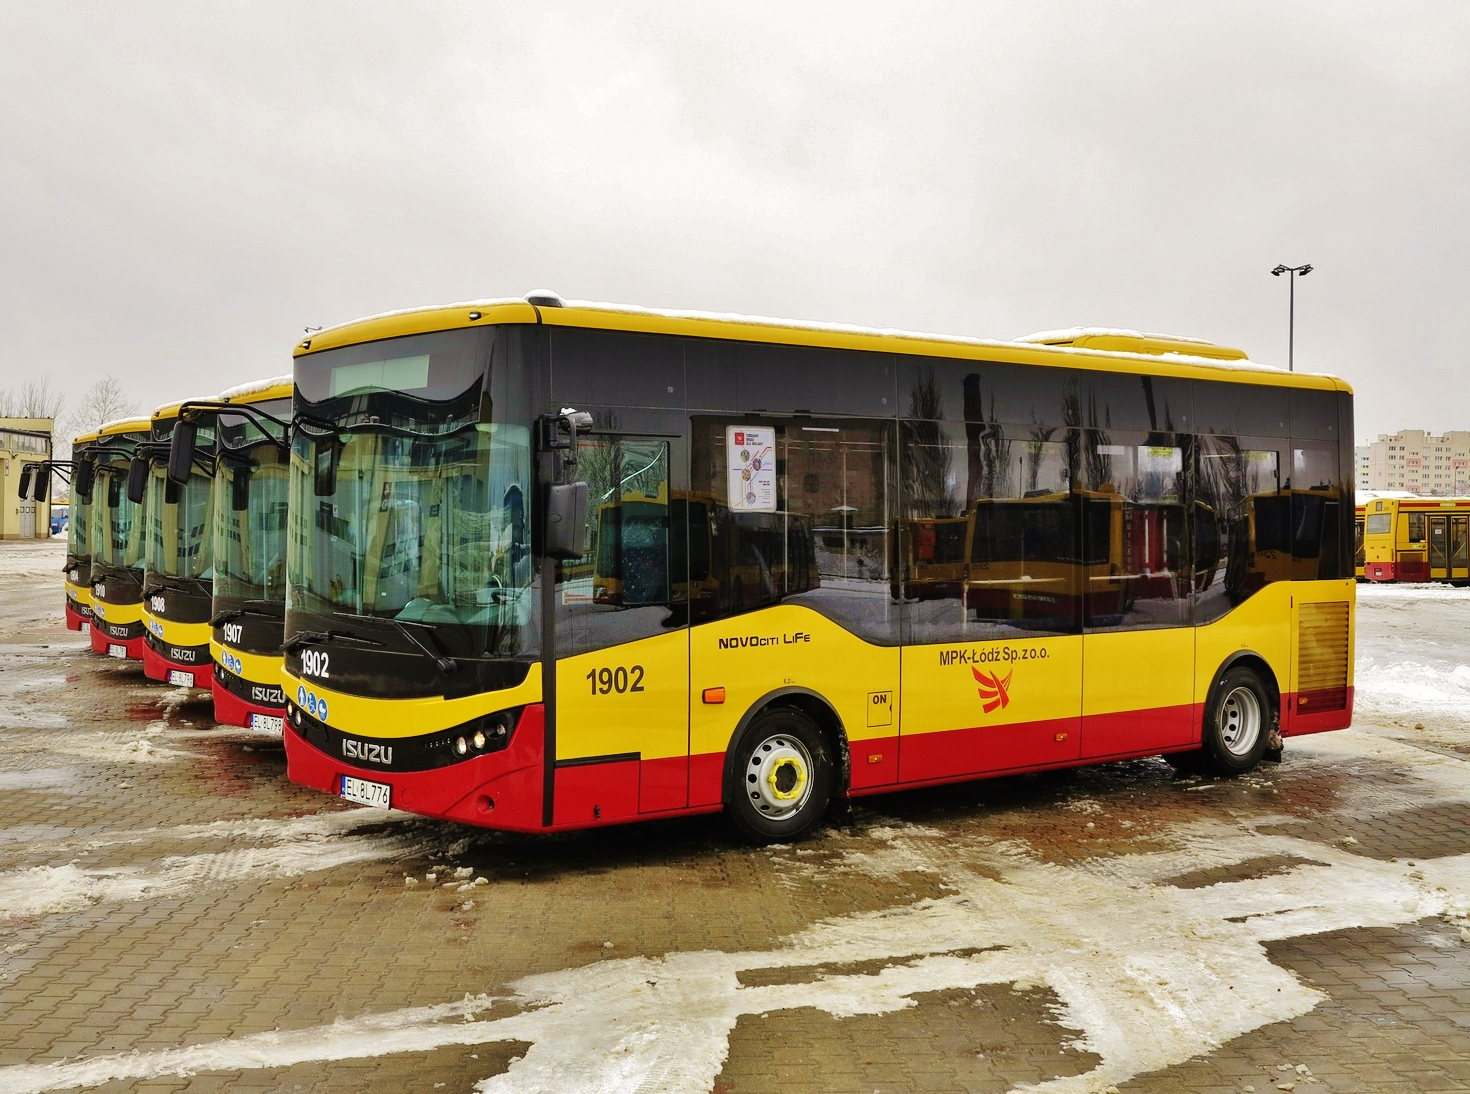 Flotila, 24 nových městských midibusů ISUZU Novociti Life pro polské město Lodž (foto:MPK)